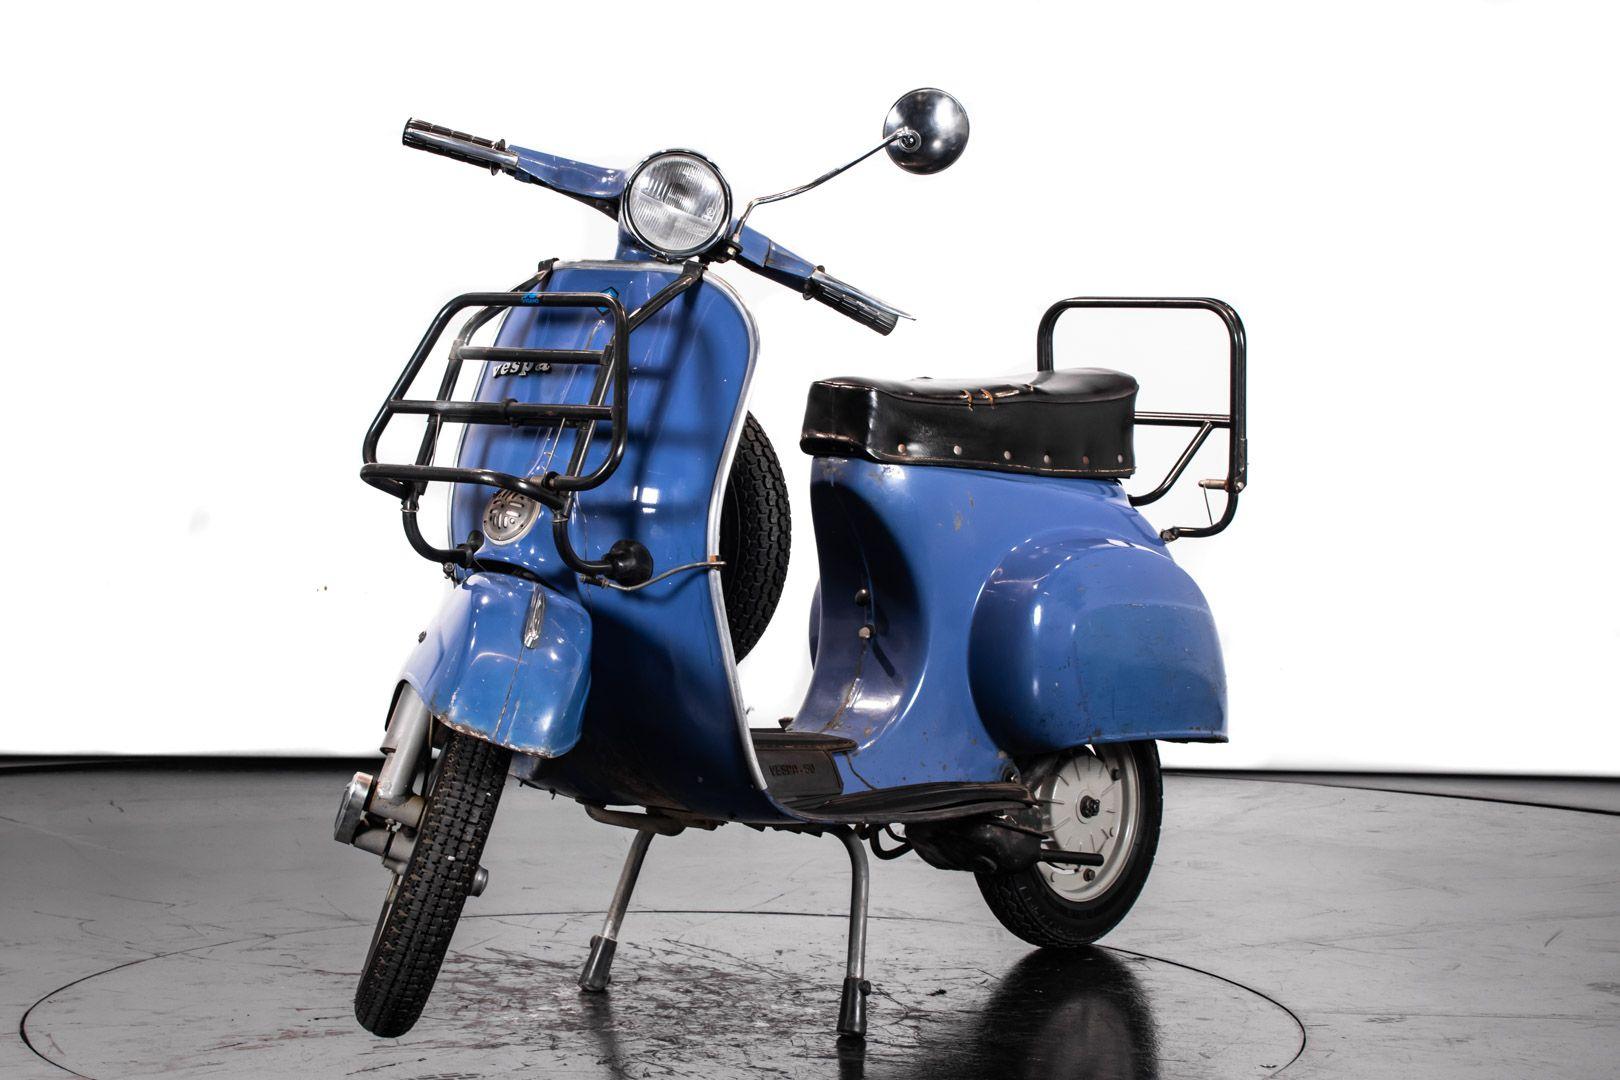 1974 Piaggio Vespa 50 3 marce 83495